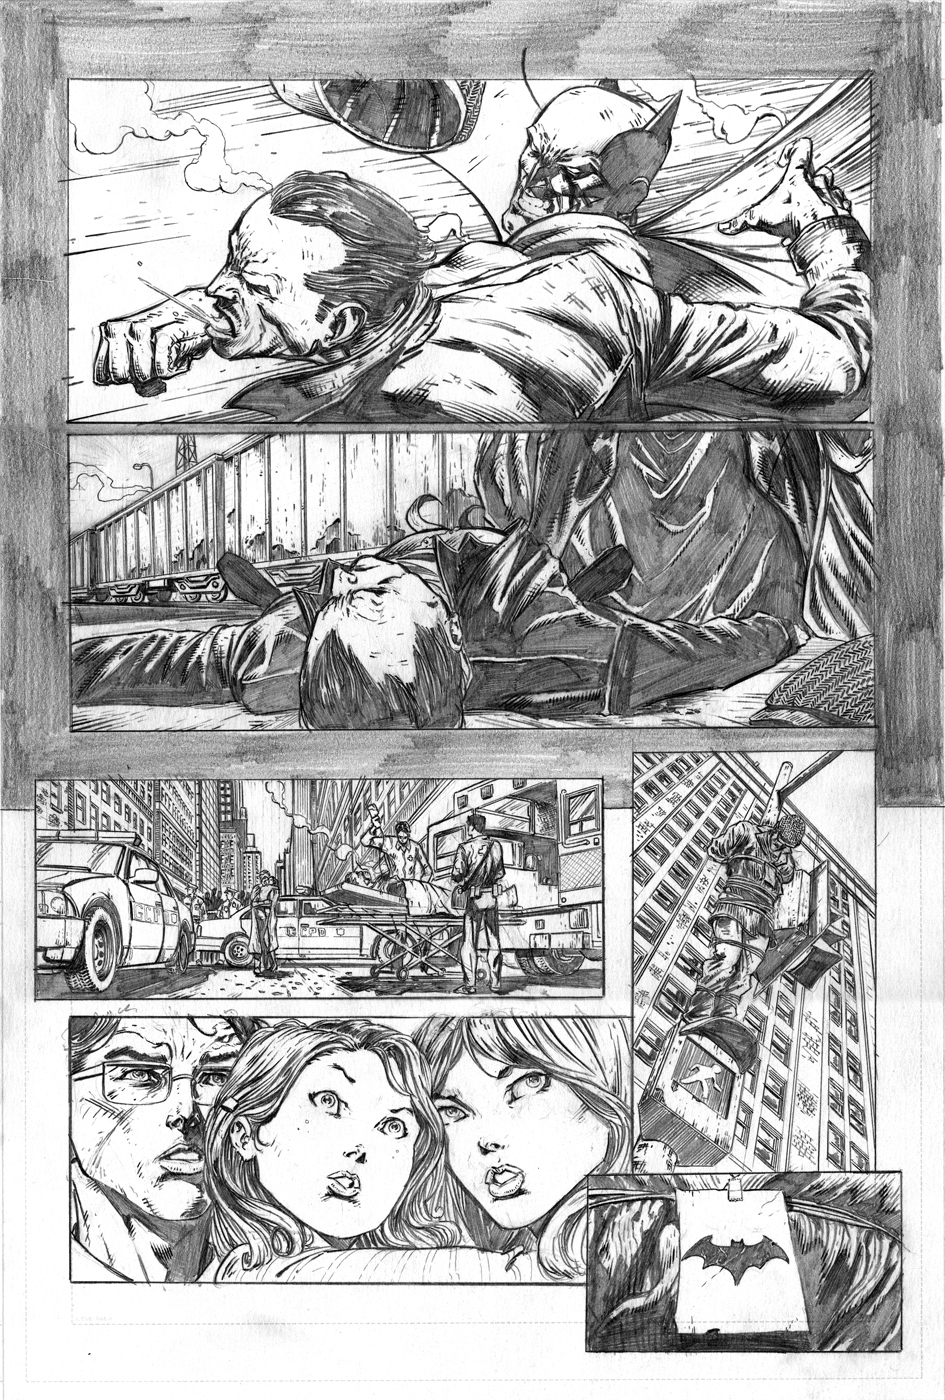 Drawn comics pdl Book of The Comic Ramblings